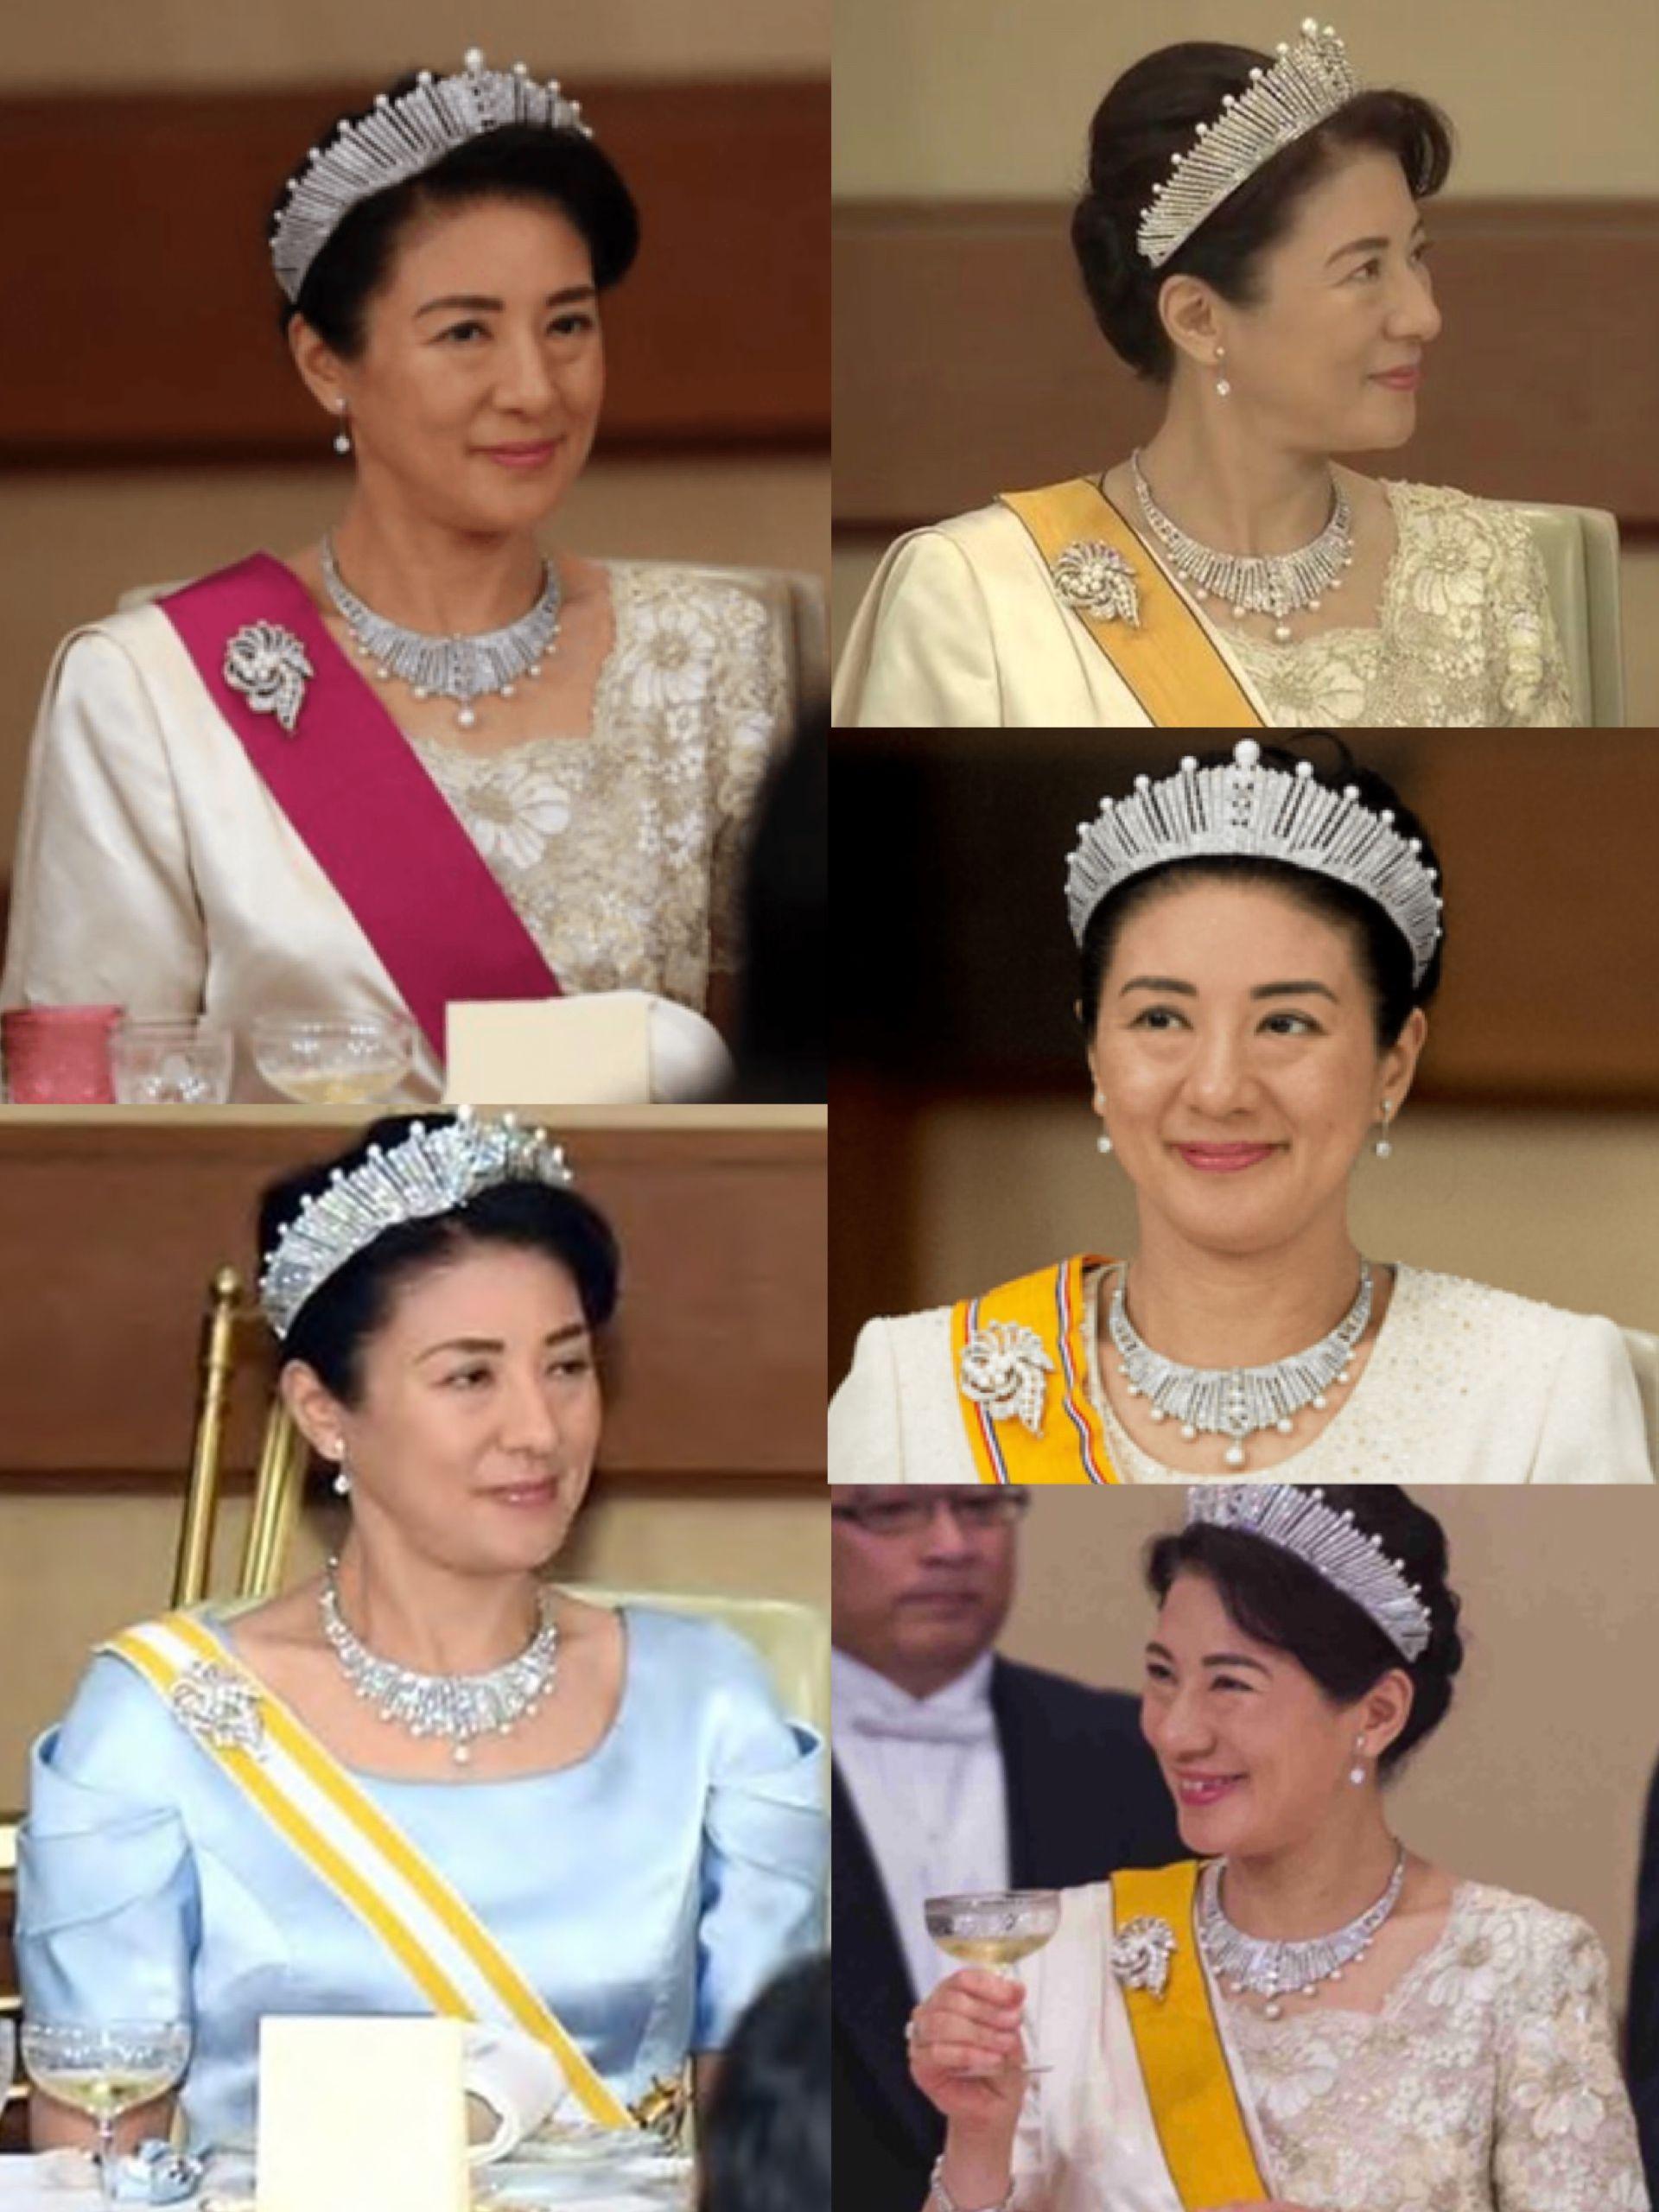 皇室 是々非々 ブログ